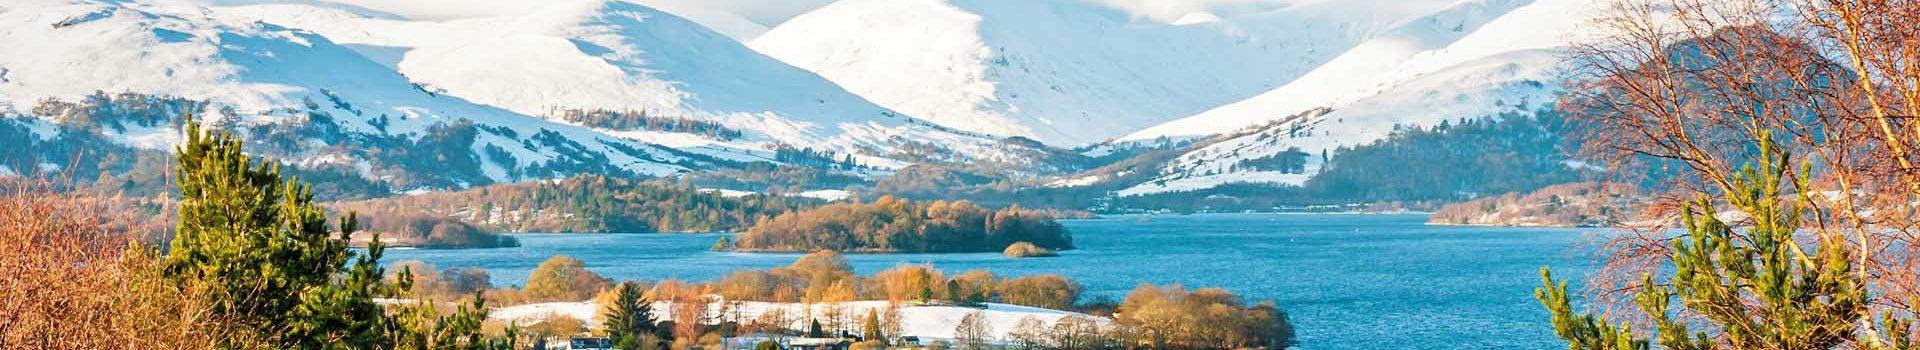 snowy hills around Loch Lomond in winter